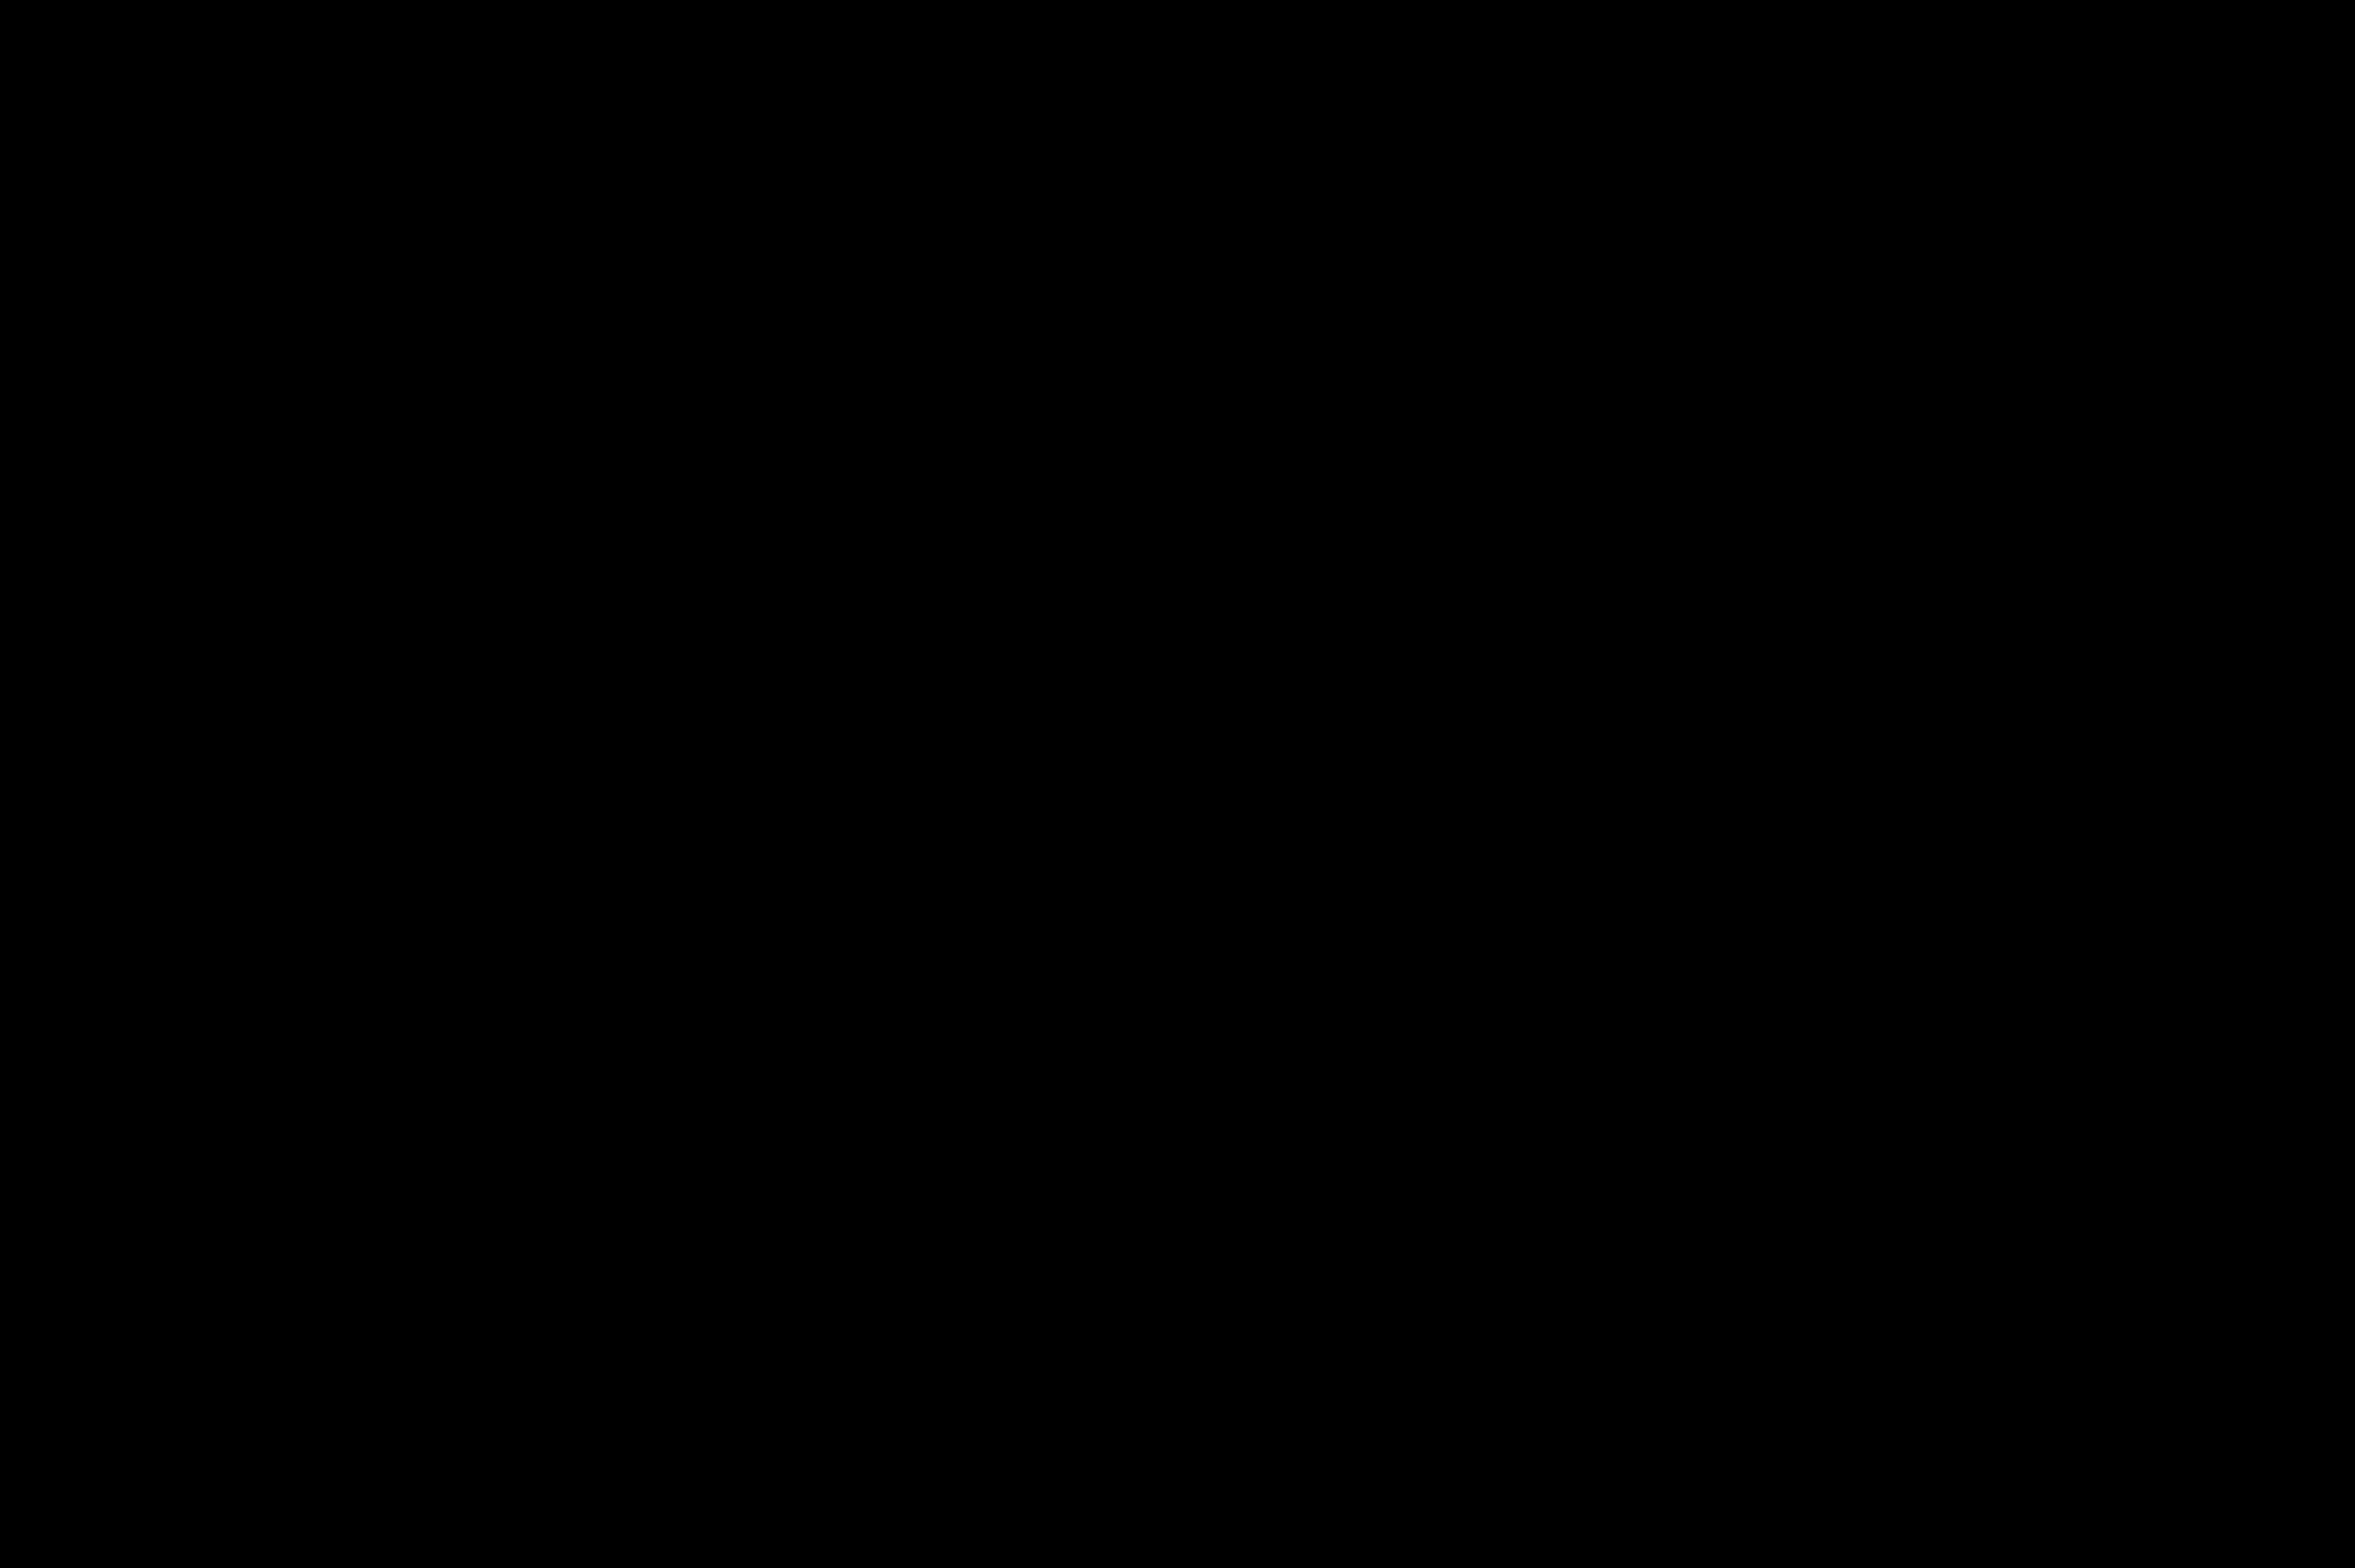 Teresa Nicolini ved.Cherubini